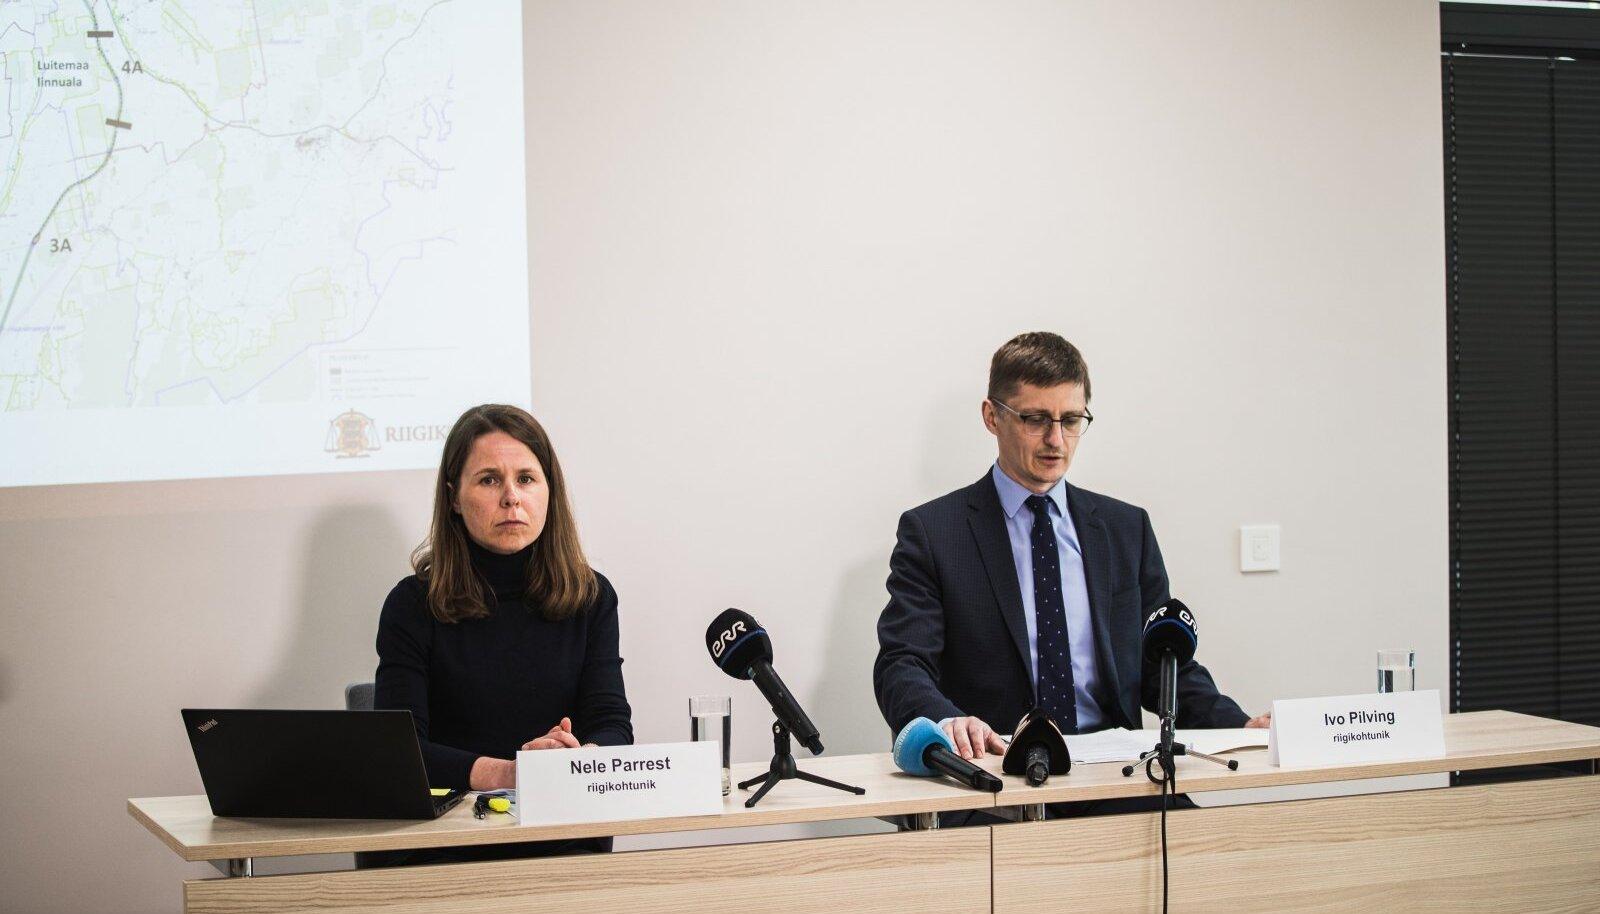 Riigikohtunike Nele Parresti ja Ivo Pilvingu sõnul jäi selgusetuks, miks jäi sel lõigul Natura hindamine tegemata.